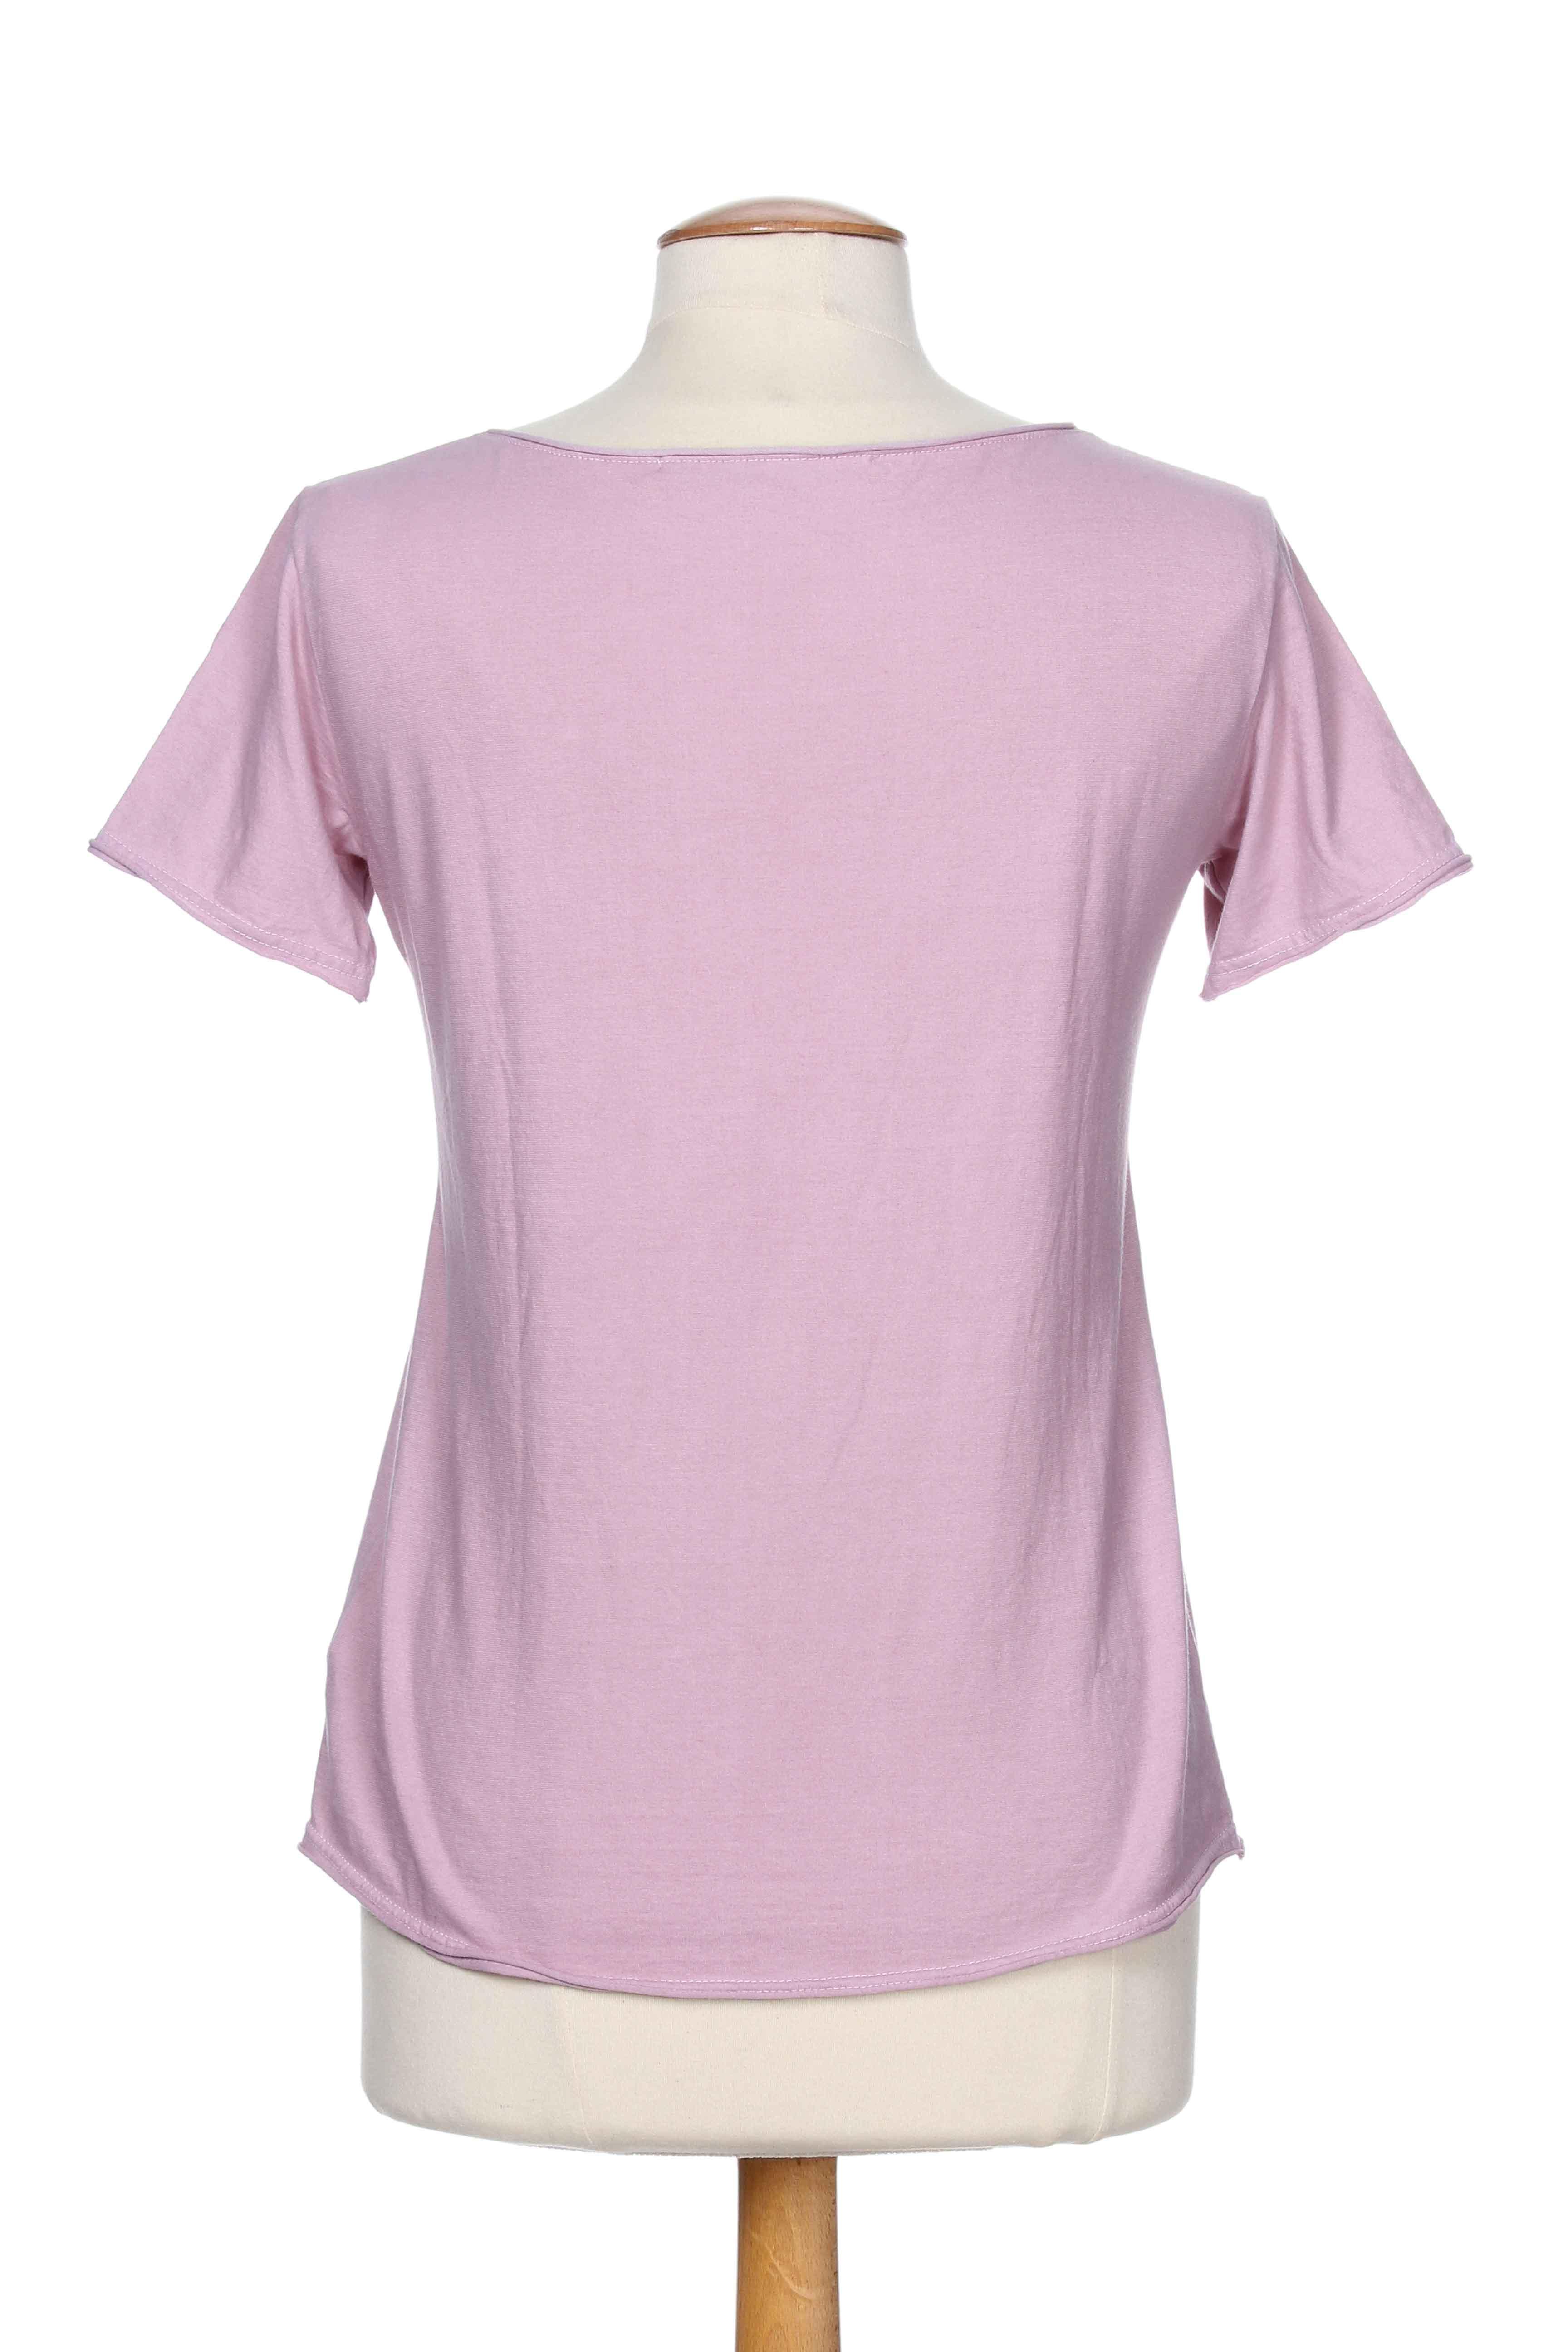 La fee maraboutee manches courtes 1 femme de couleur rose en soldes pas cher - Fee maraboutee soldes ...